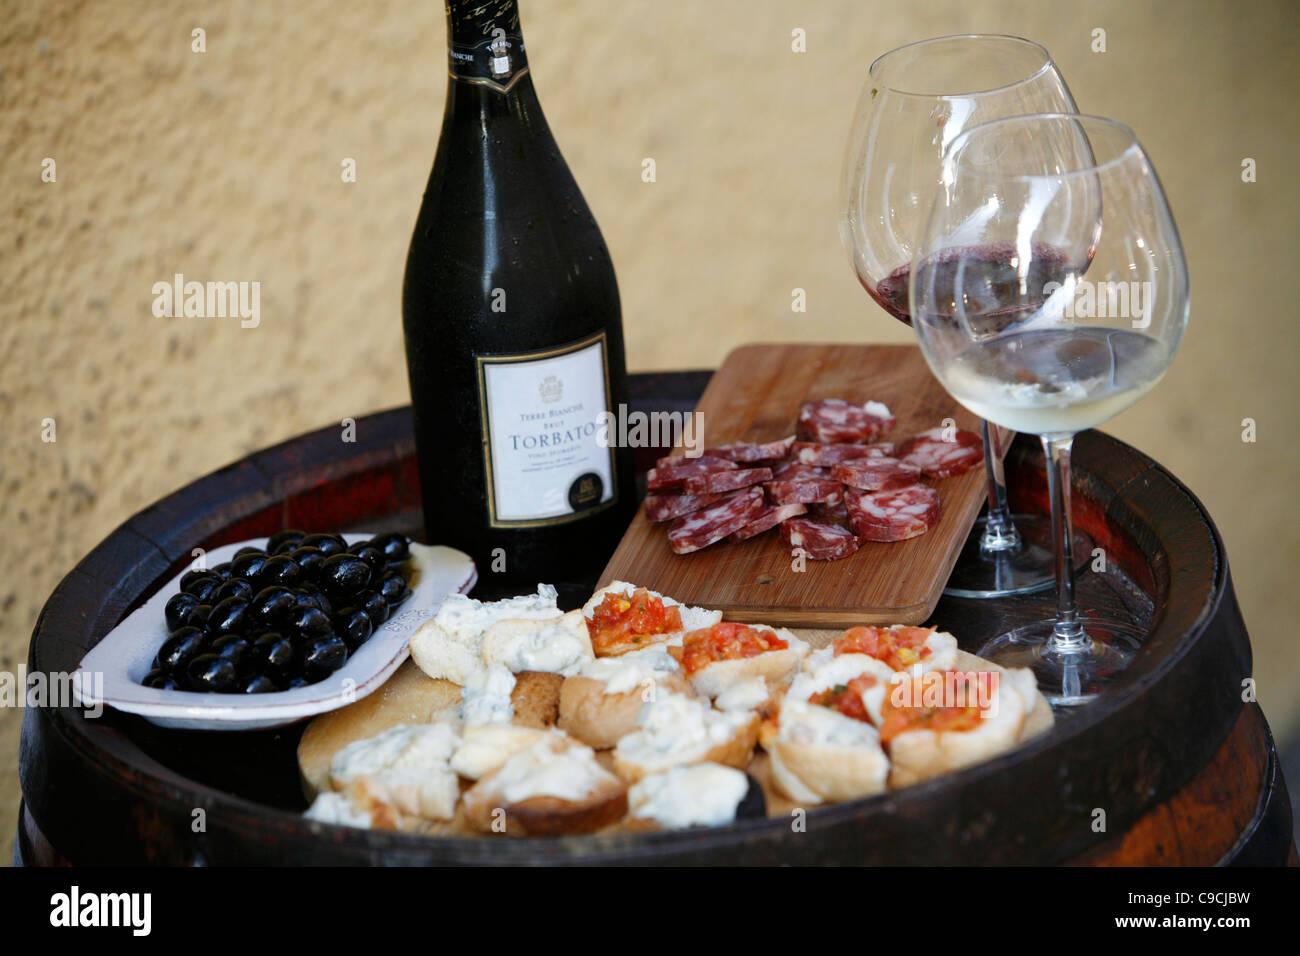 Plato de queso, salami, aceitunas y vino en Osteria da Lio, La Maddalena, Cerdeña, Italia. Imagen De Stock